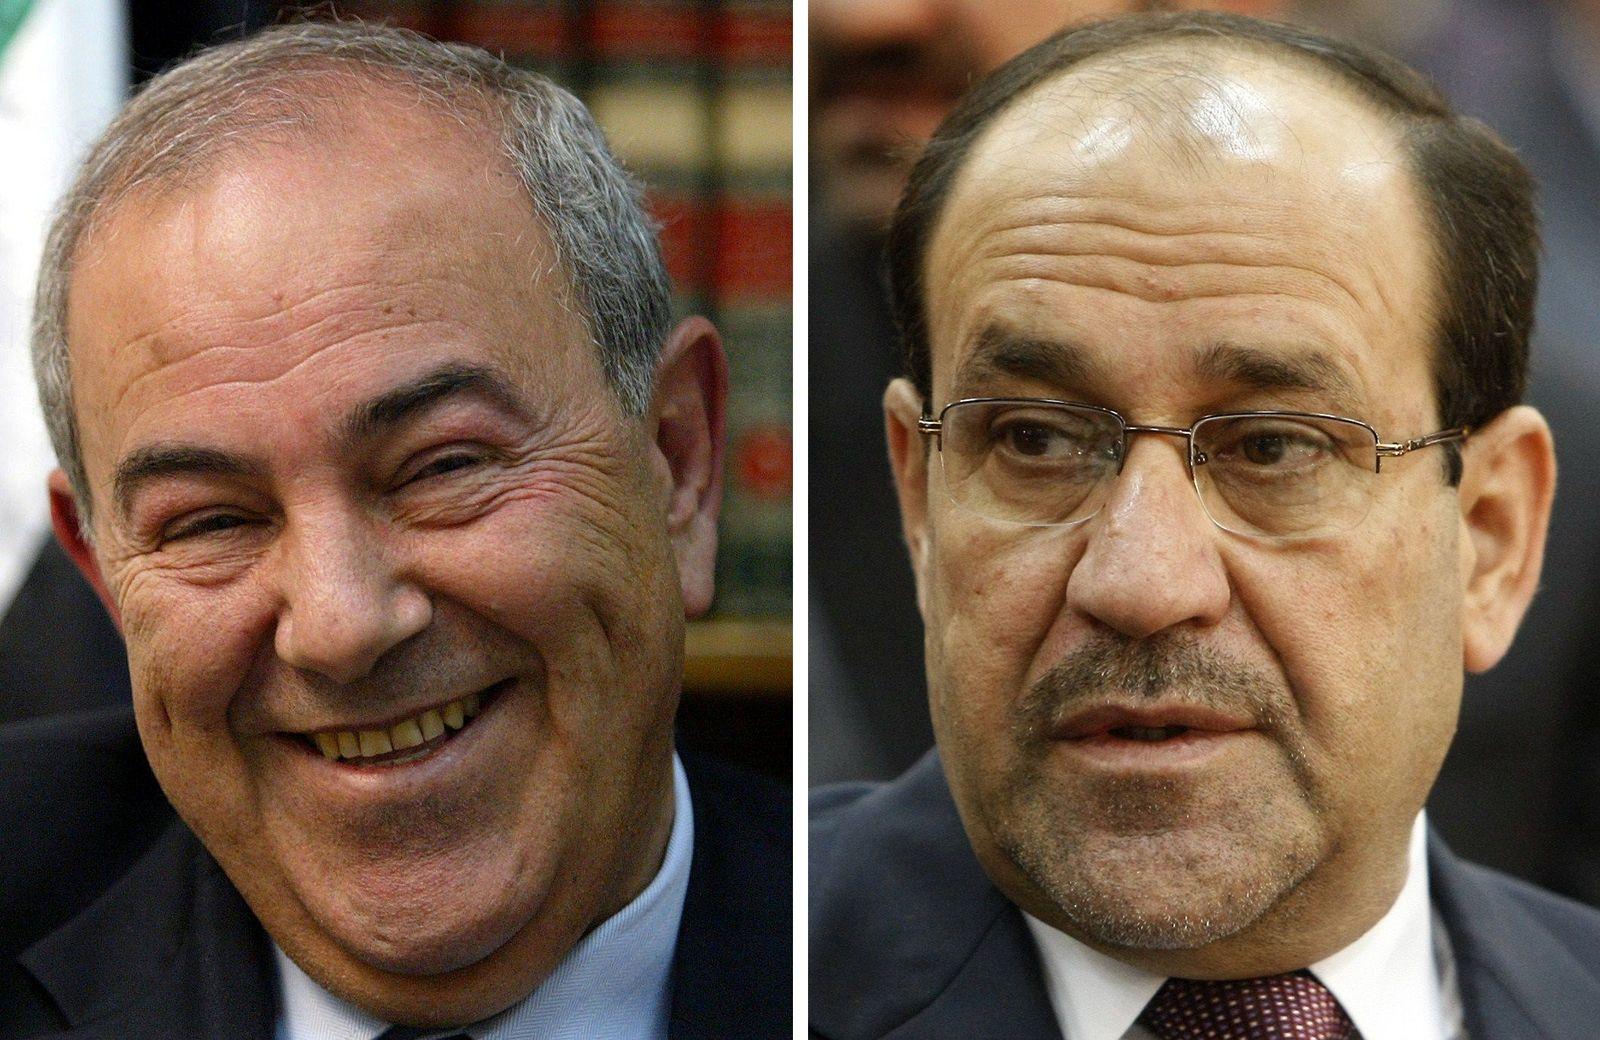 Irak Allawi Maliki